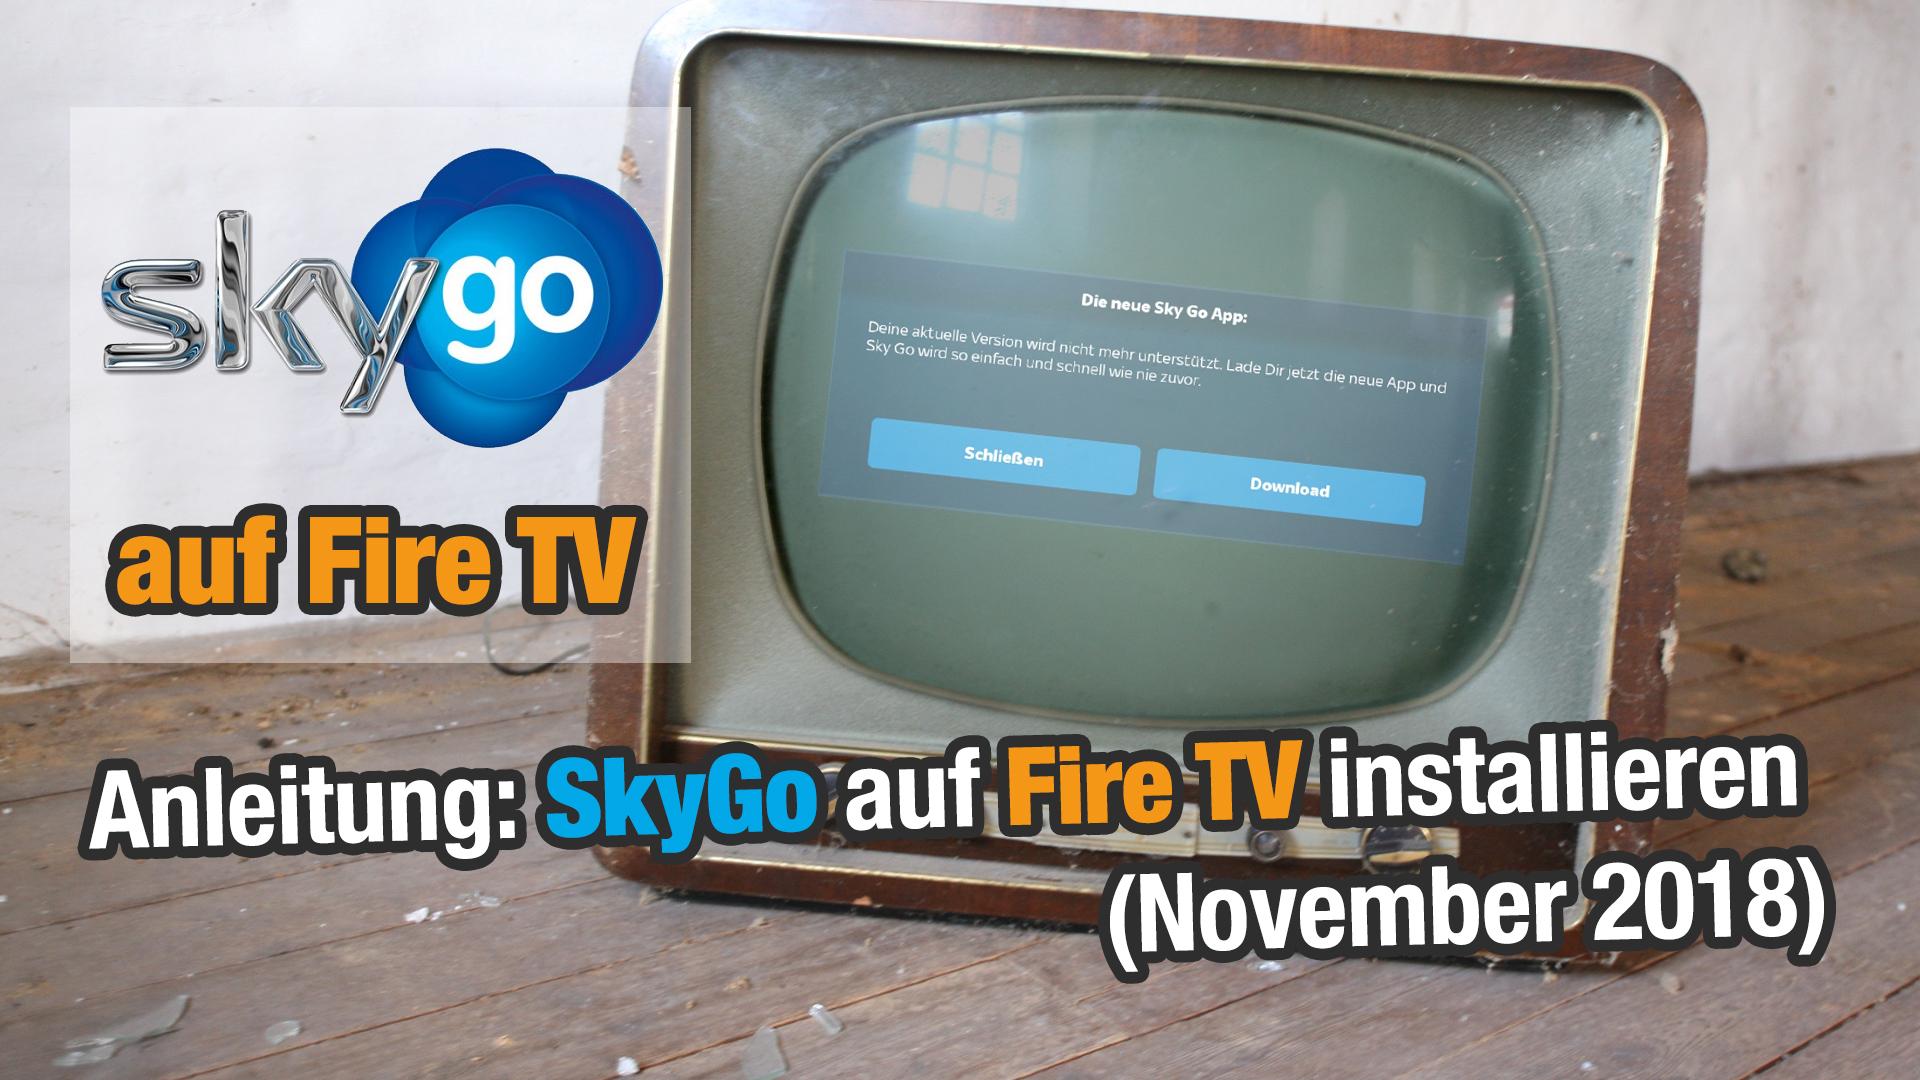 Anleitung Skygo Auf Dem Fire Tv Wieder Ans Laufen Bringen Mai 2018